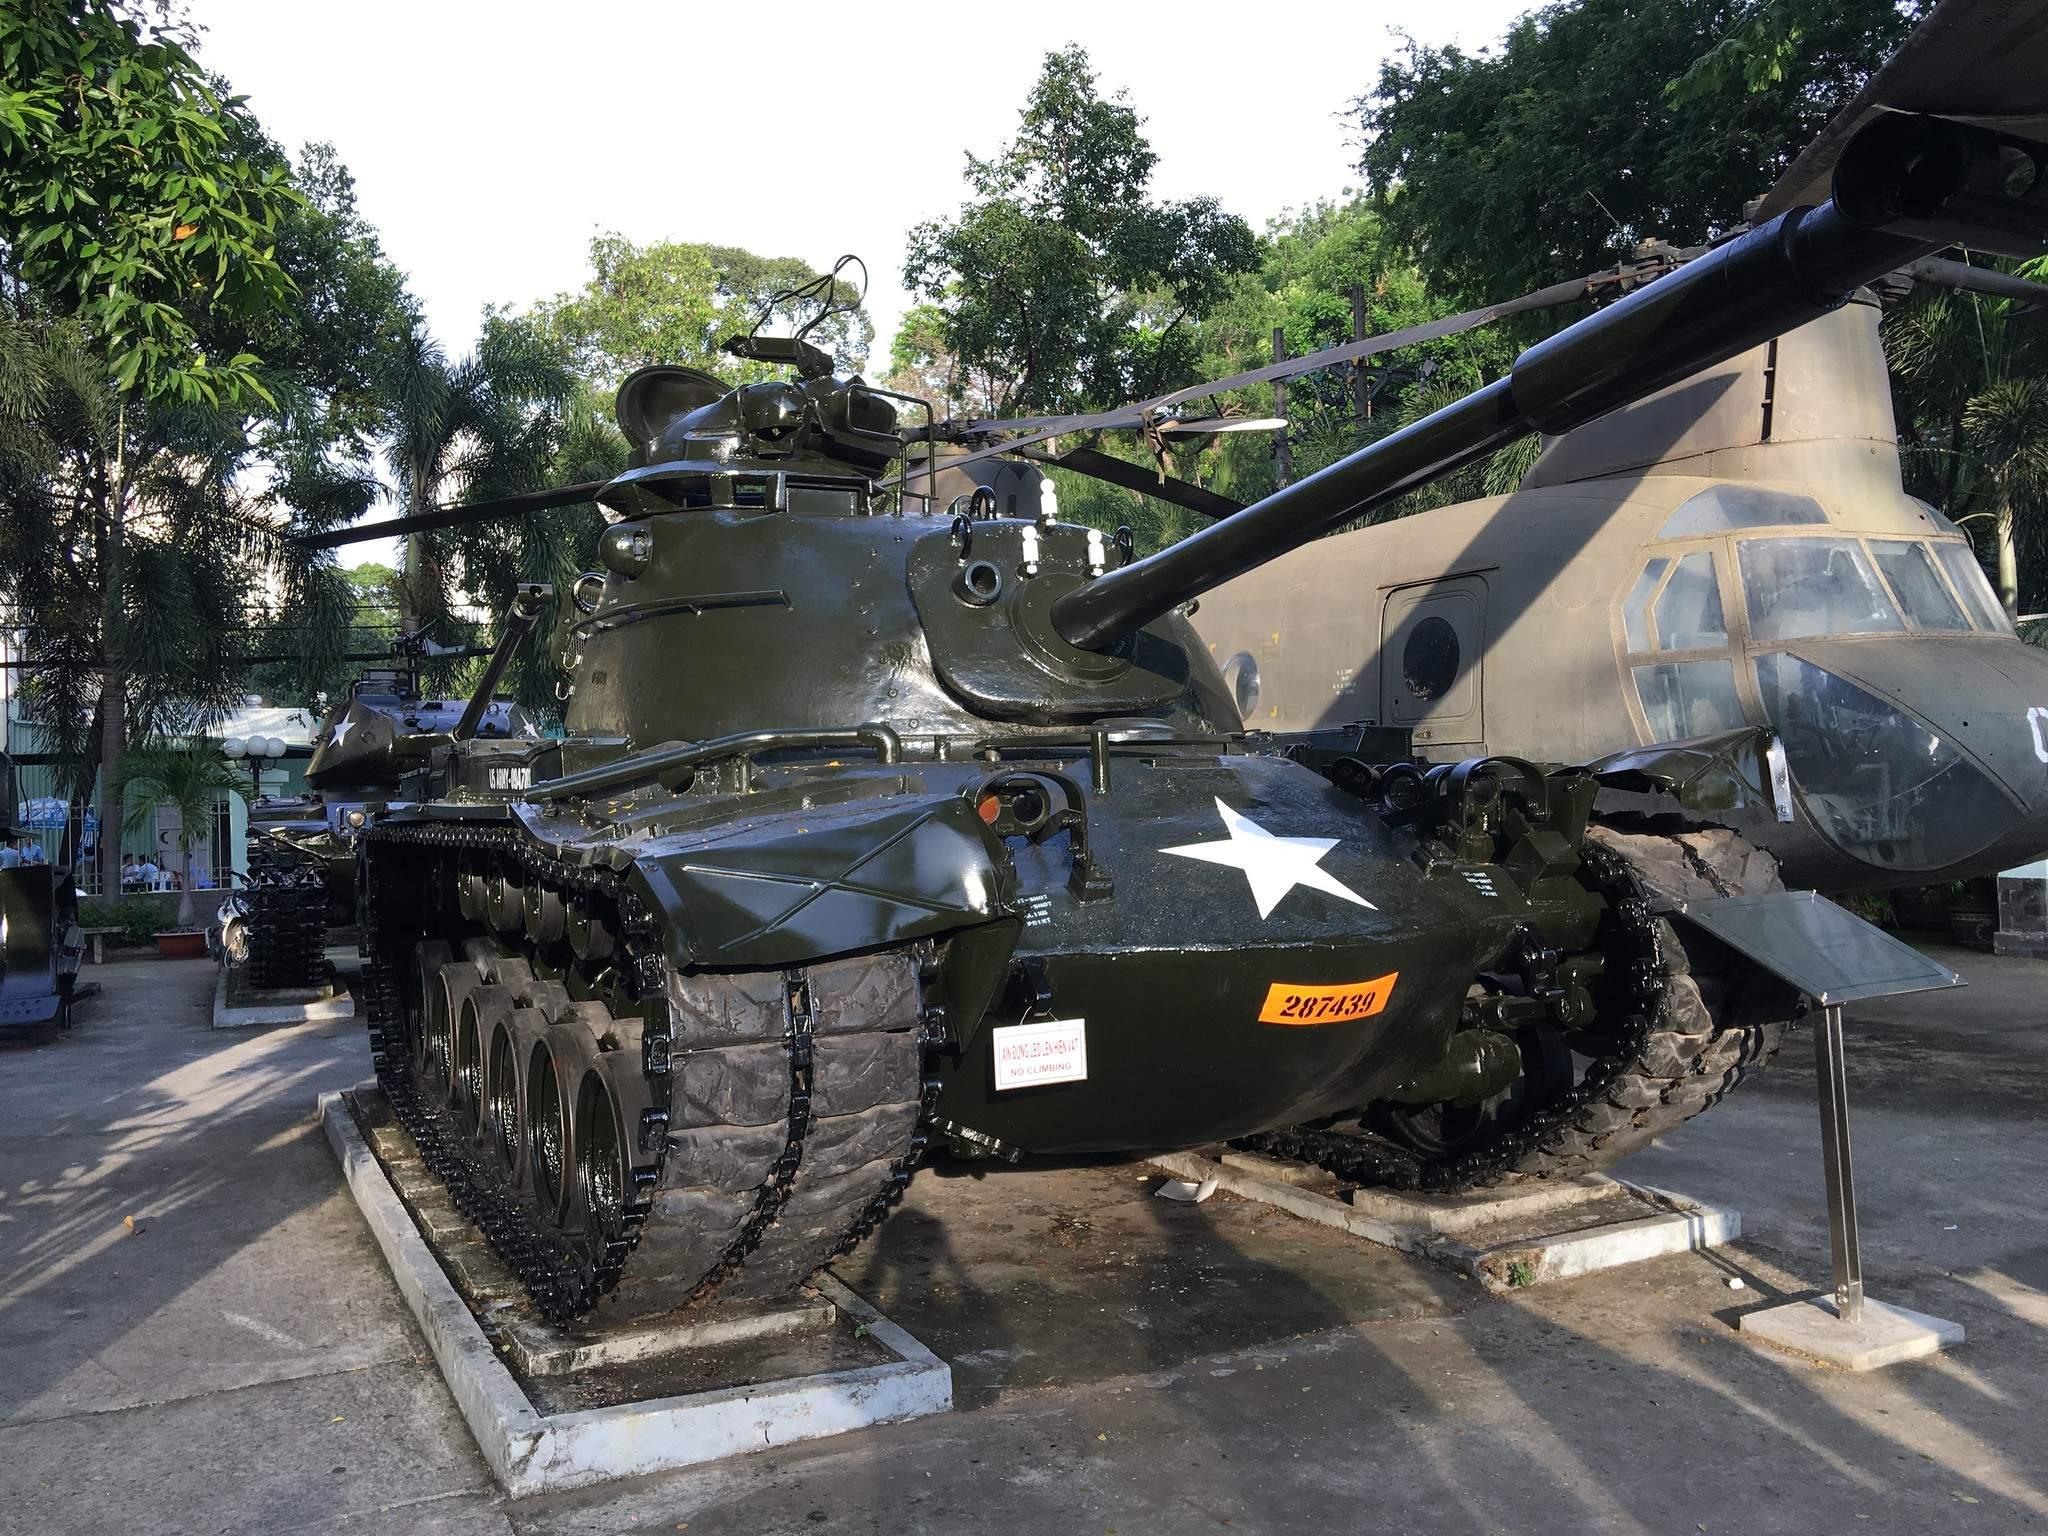 war remnants museum2 War Remnants Museum in Ho Chi Minh City, Vietnam